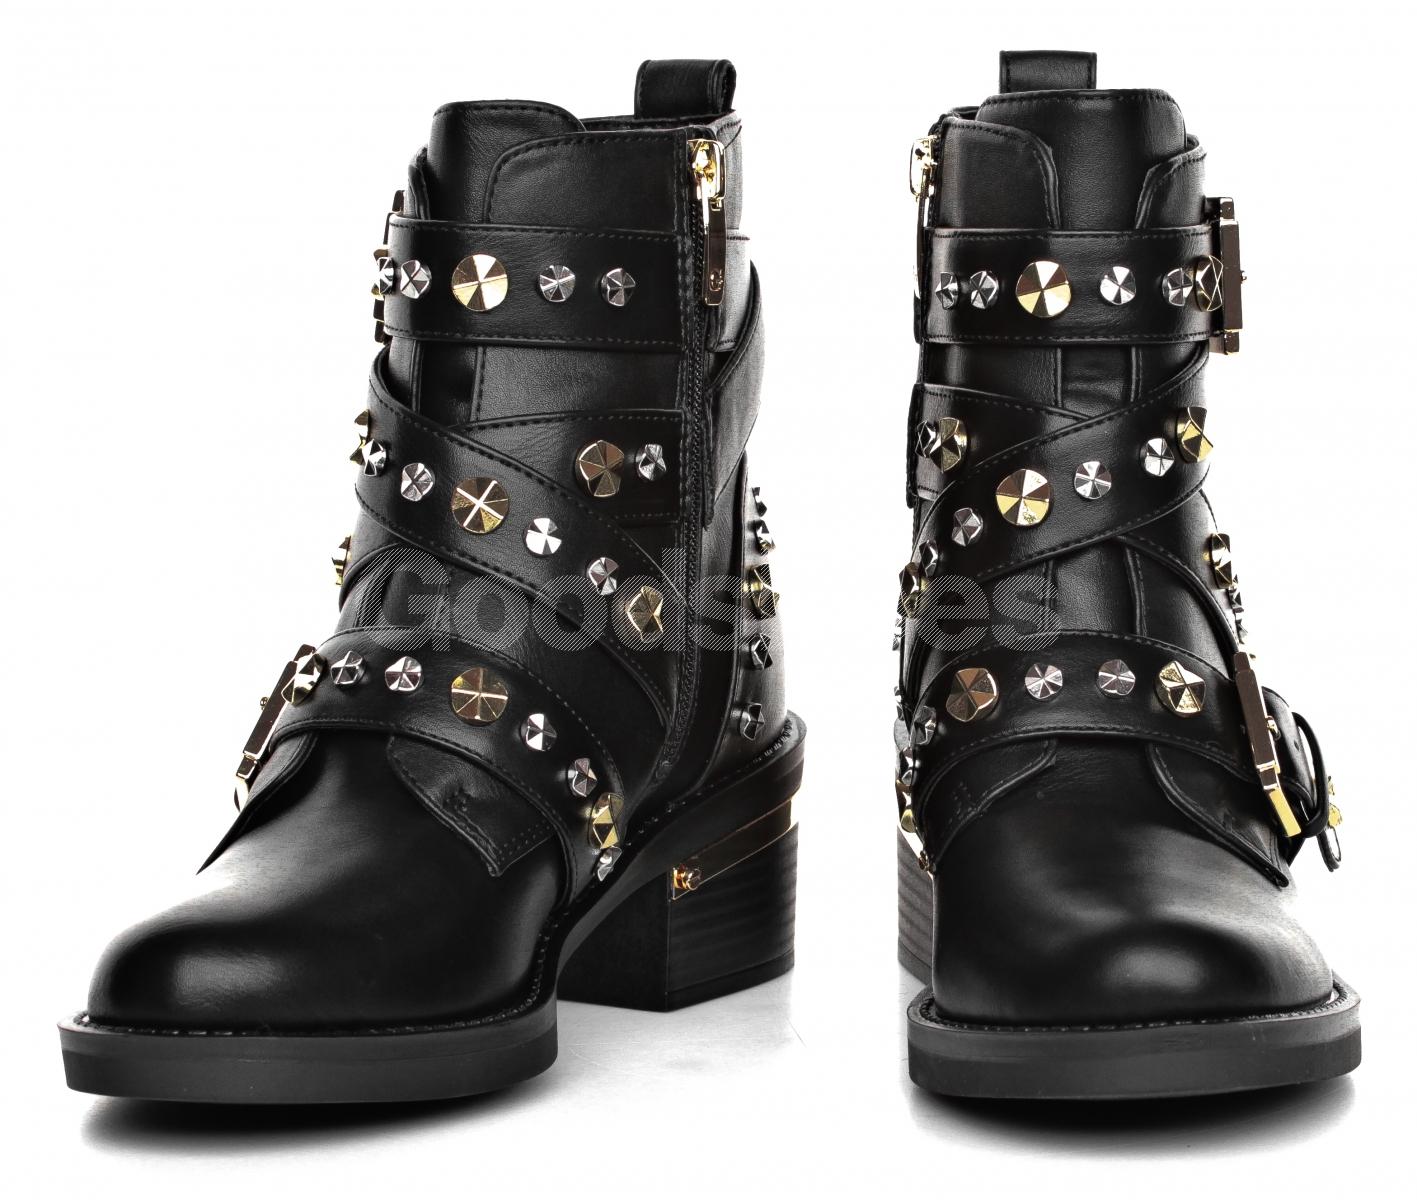 f97311117950a Botki Damskie GUESS Czarne FANCEY FLFNC4 ELE10 BLACK - Goodshoes.pl